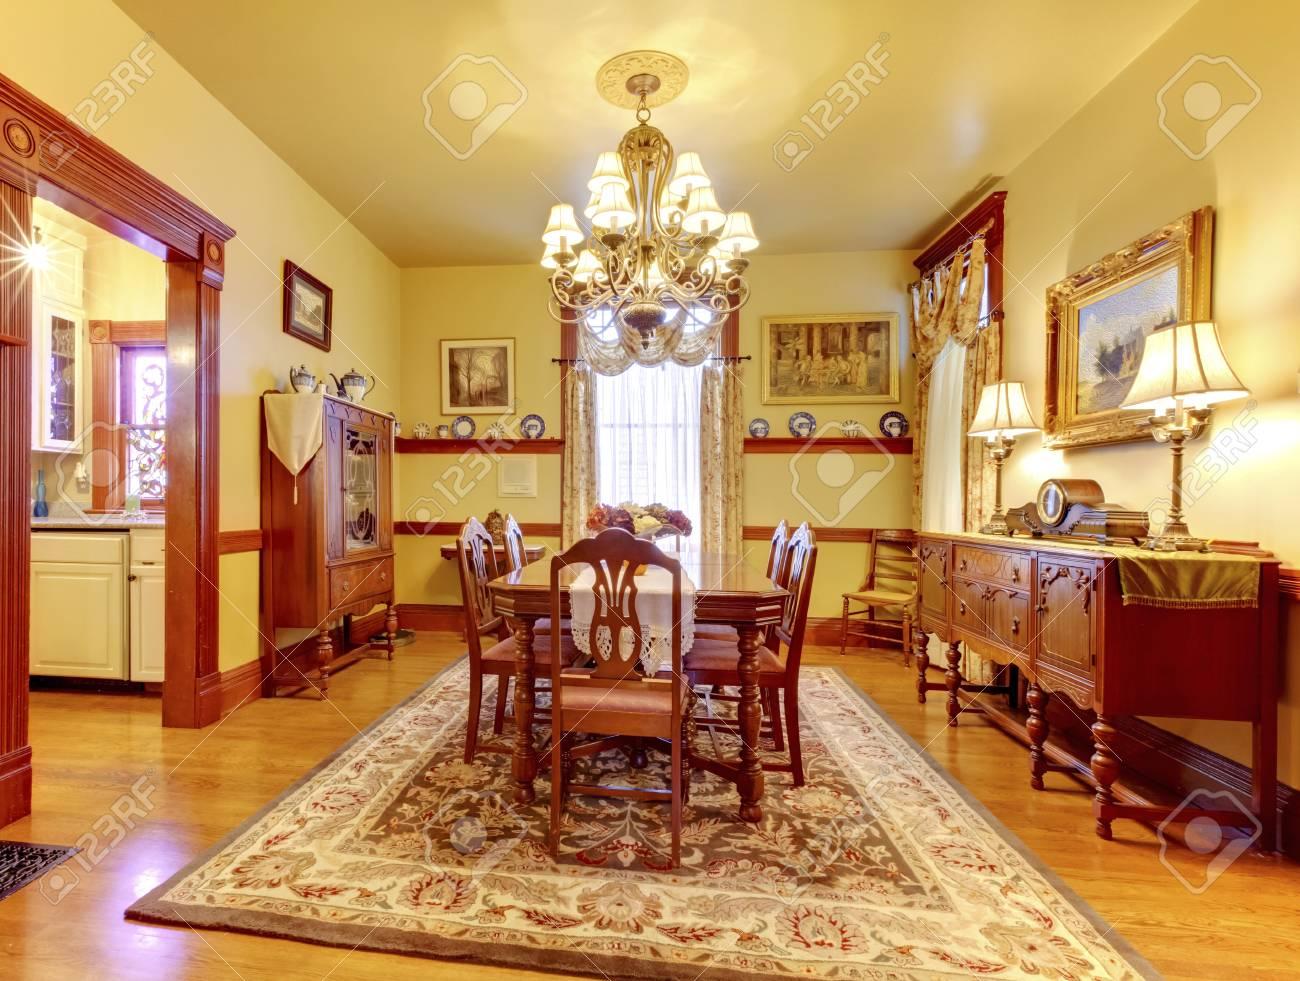 Esszimmer Teppich   Luxuus Esszimmer Mit Holztisch Stuhl Gesetzt Kronleuchter Jahrgang